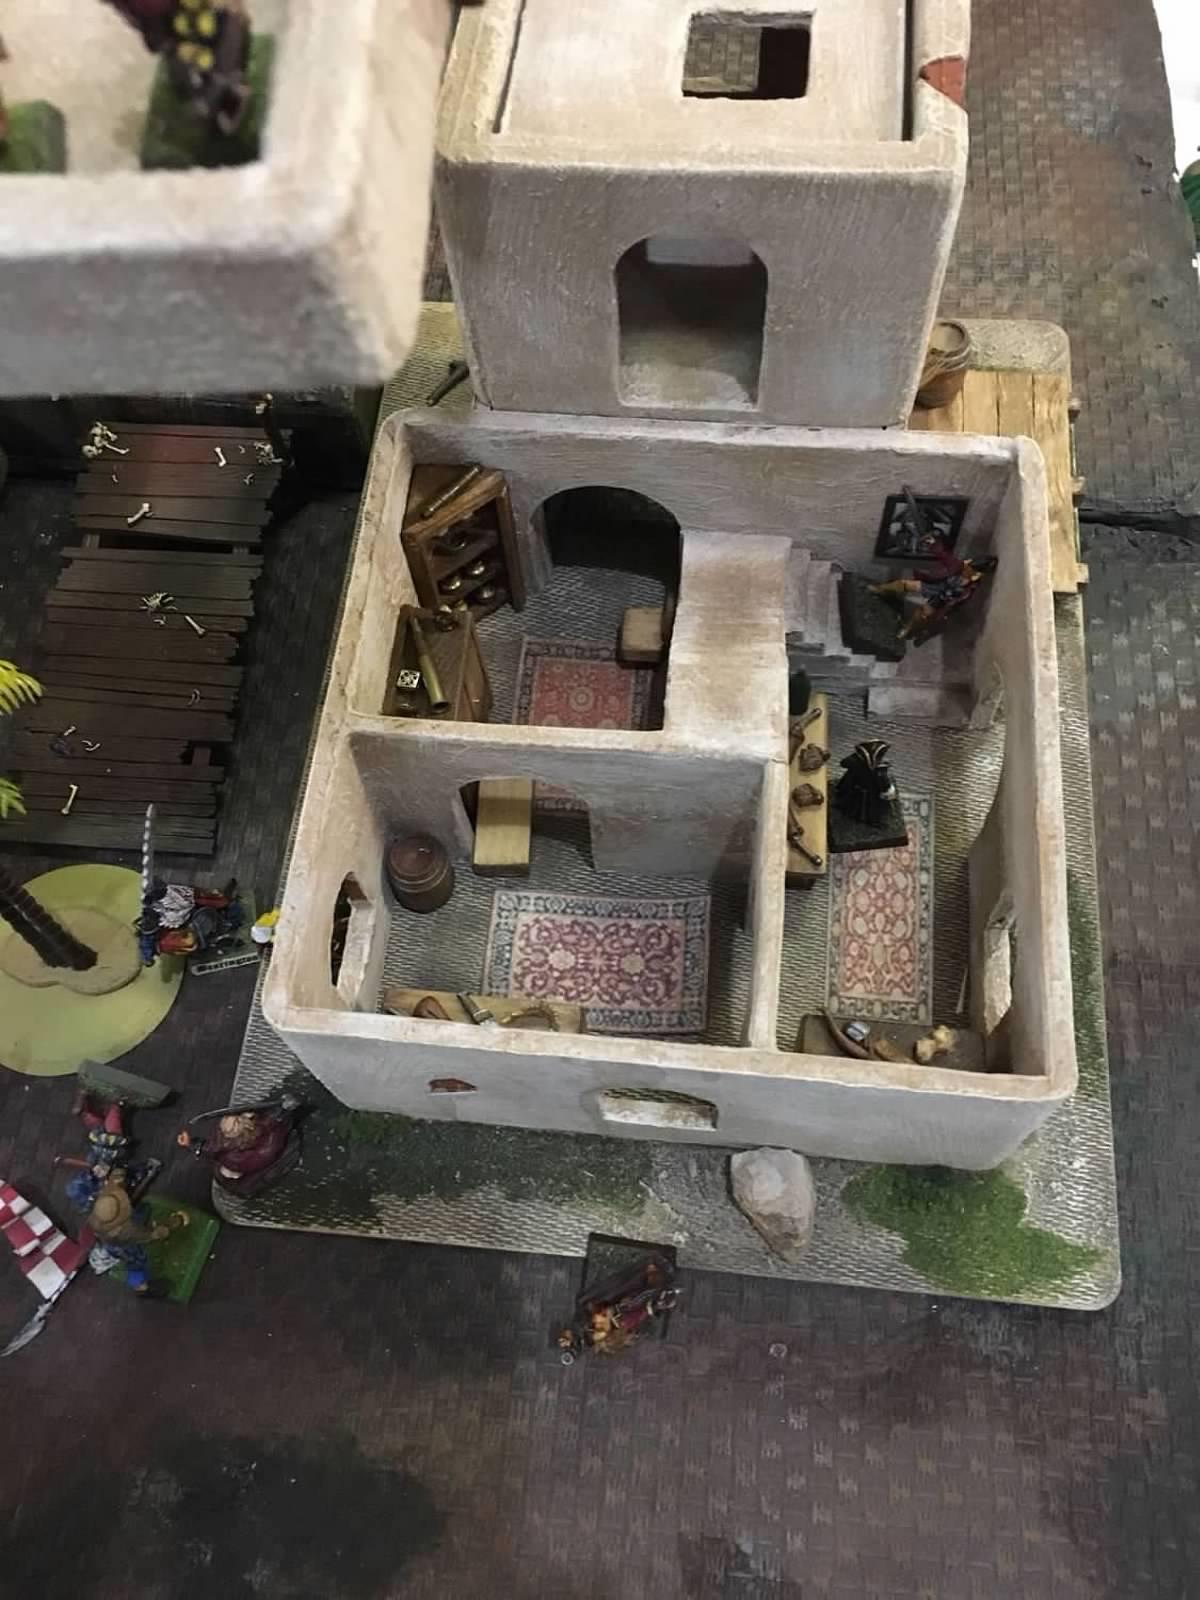 Pyrates of the Karribean VI.a--Dead Man's Hand 47a7cc09b3127cce985498b7553a00000010100AbOXDRkzbMmWA